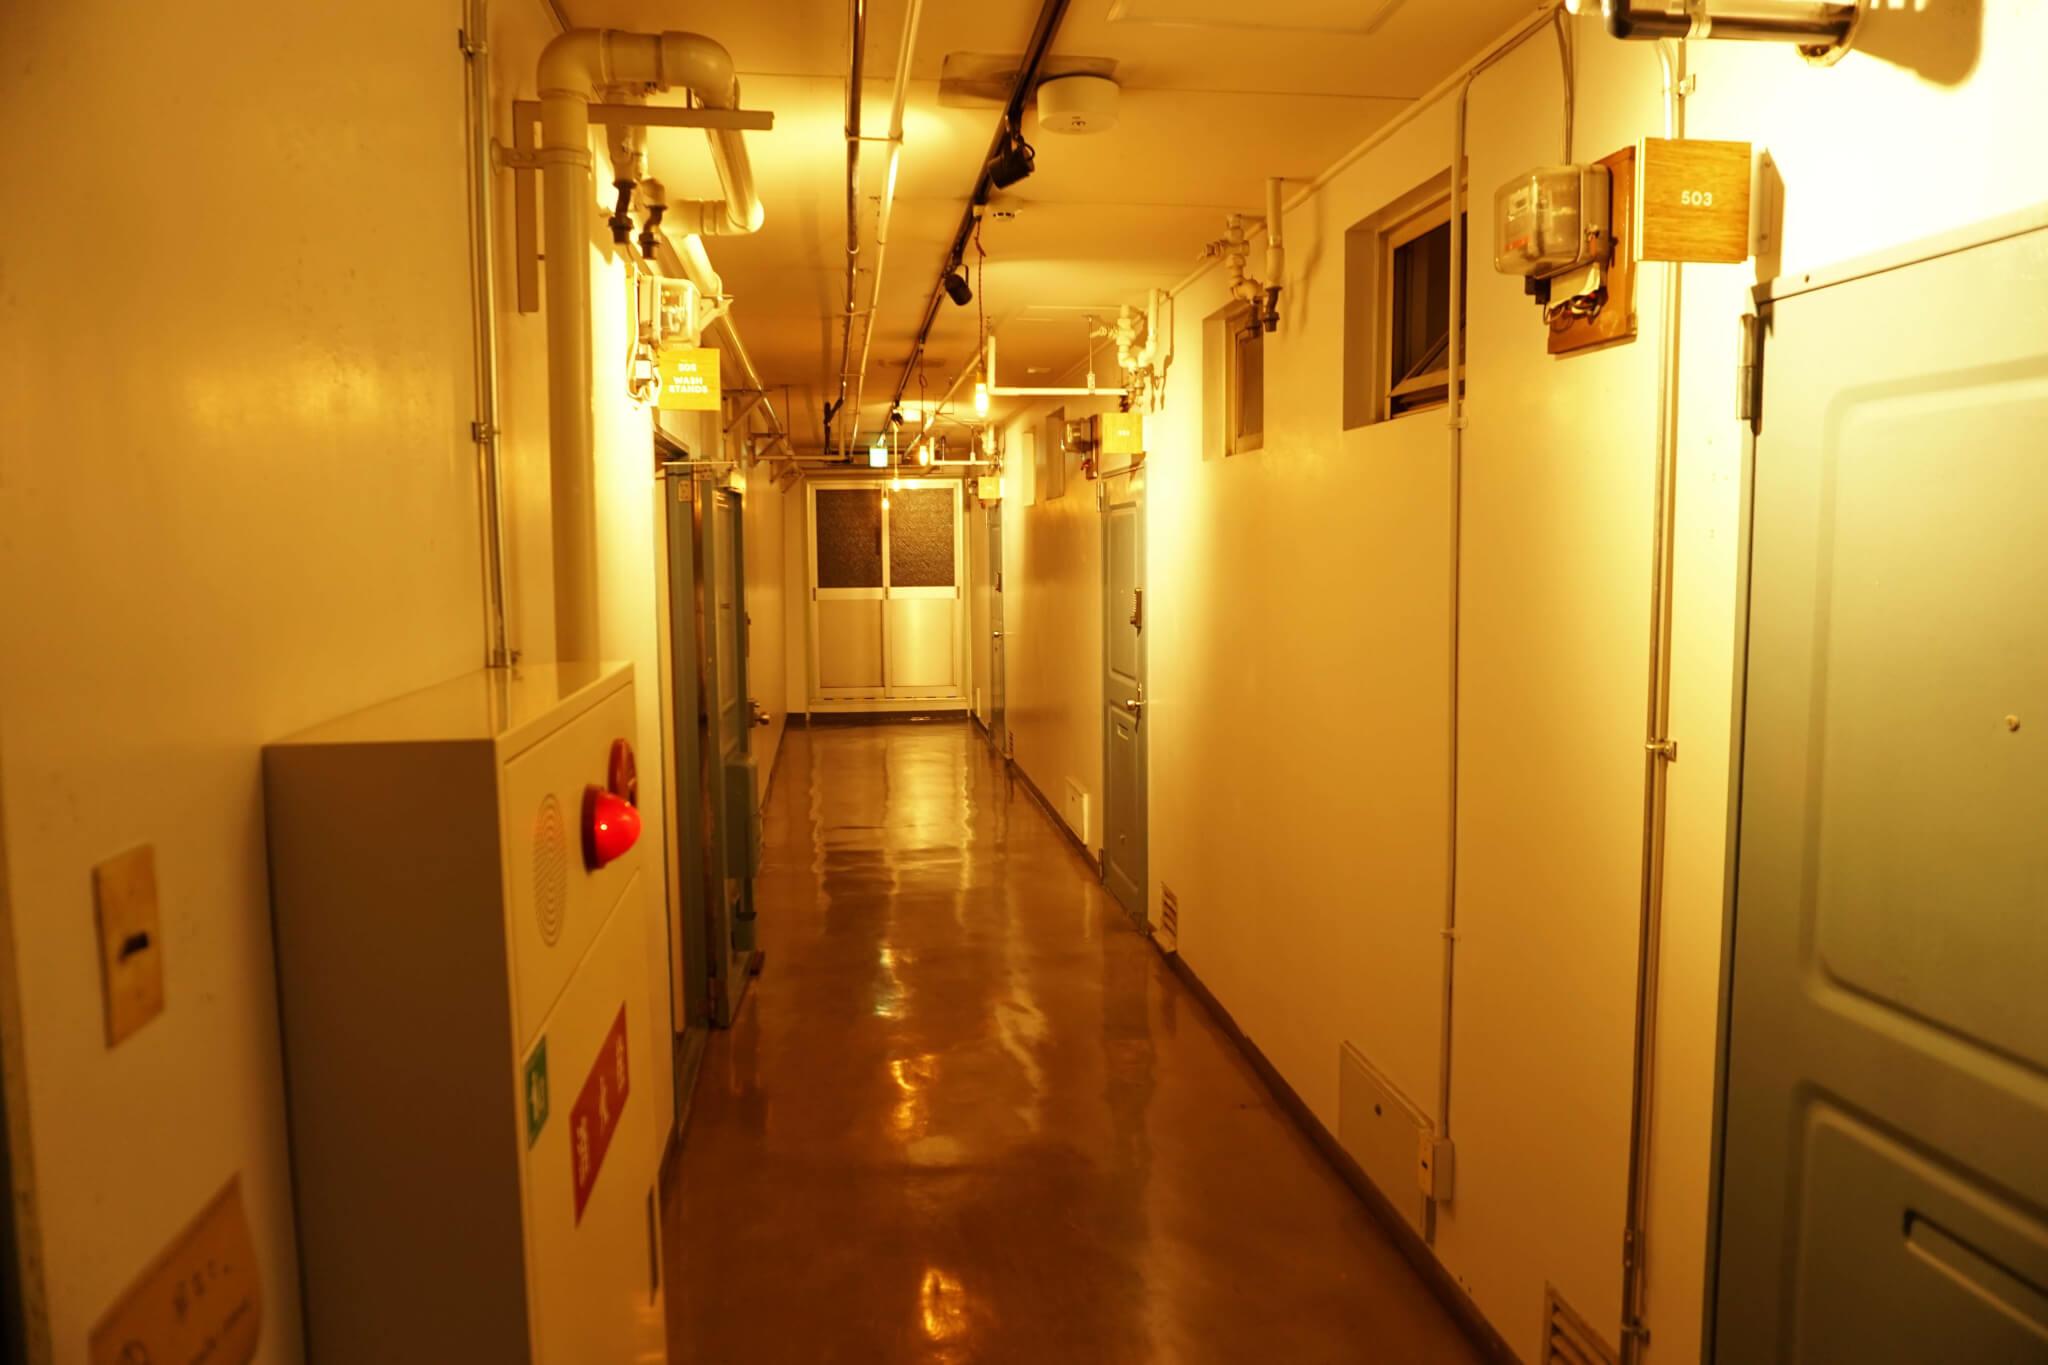 和歌山ゲストハウスRicoの宿泊施設の通路